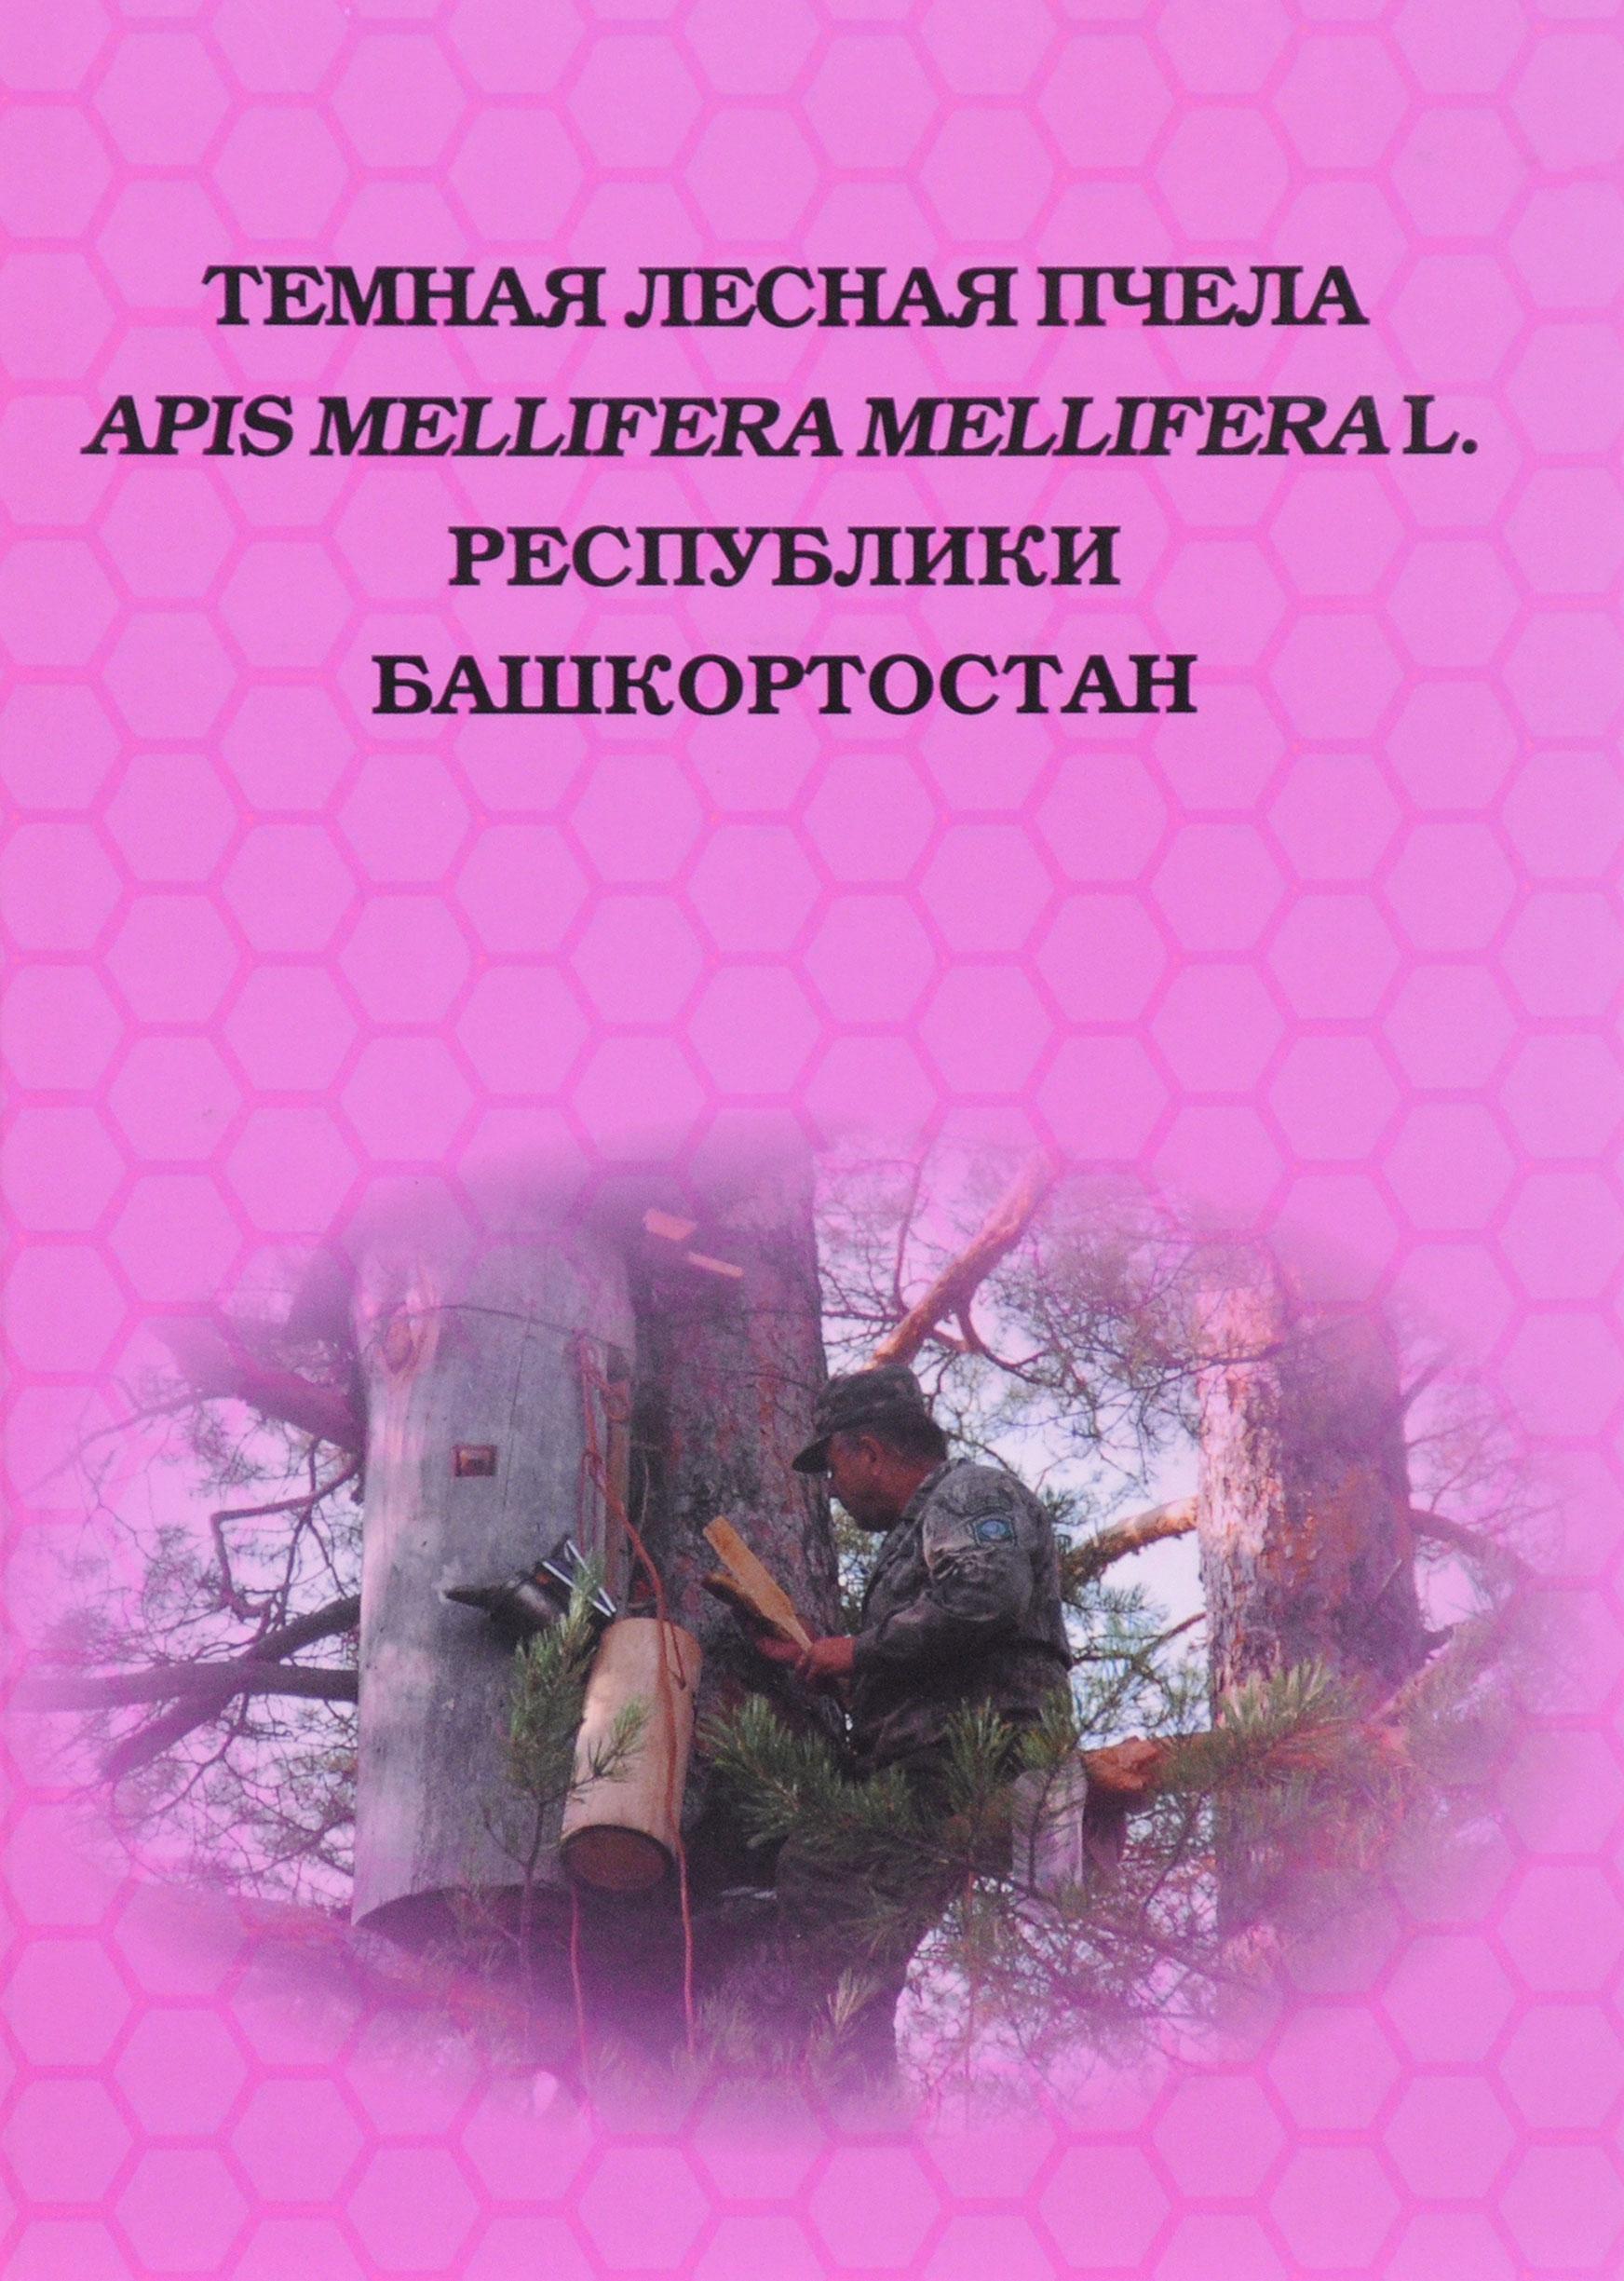 Темная лесная пчела Apis mellifera mellifera L. Республики Башкортостан